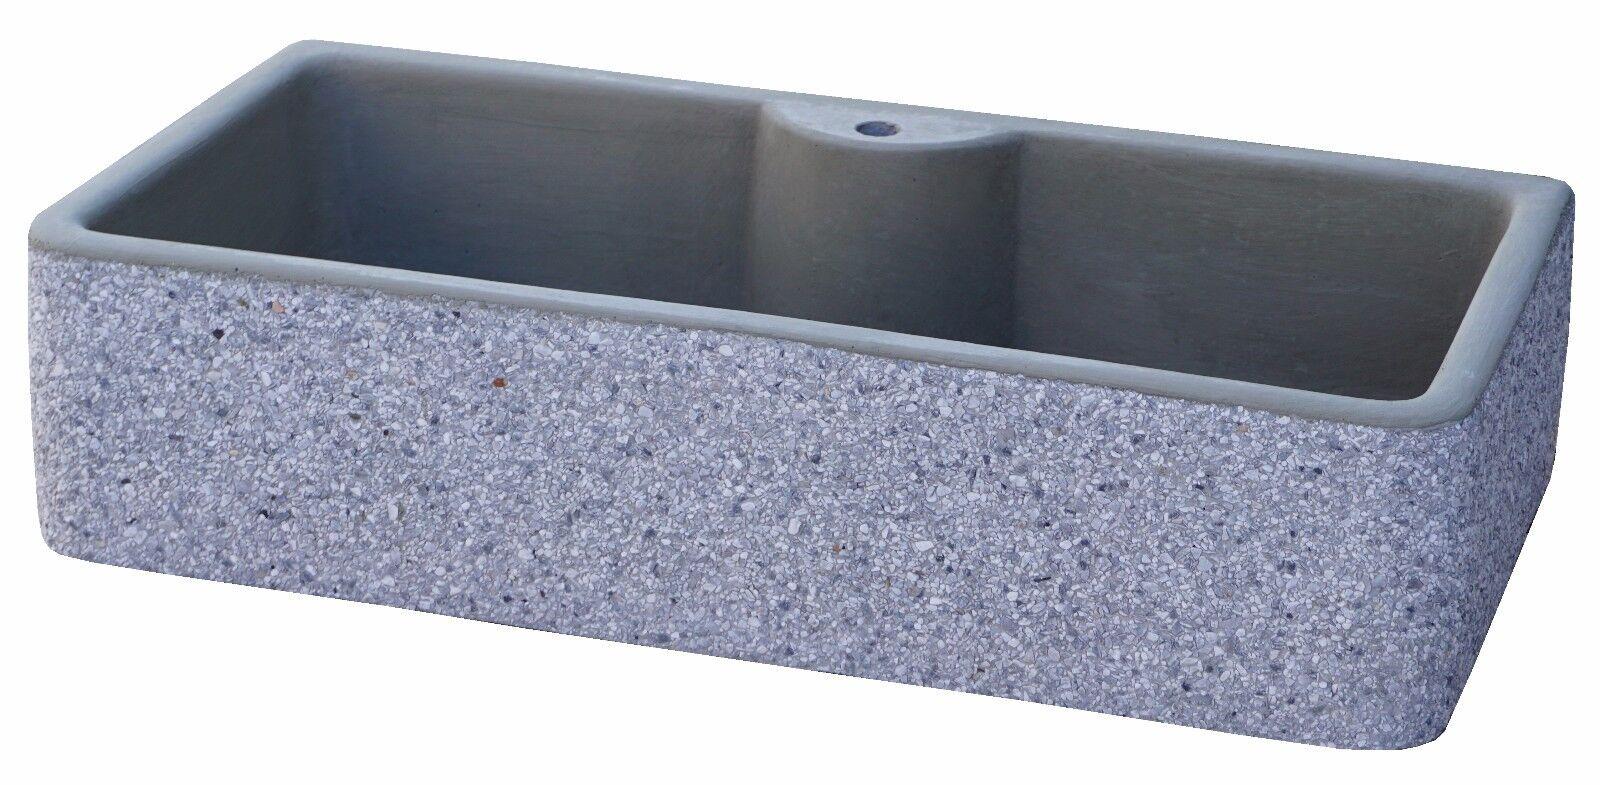 BONFANTE Lavello Acquaio da muro cemento marmo POLLINO Grigio Bardiglio Lavato